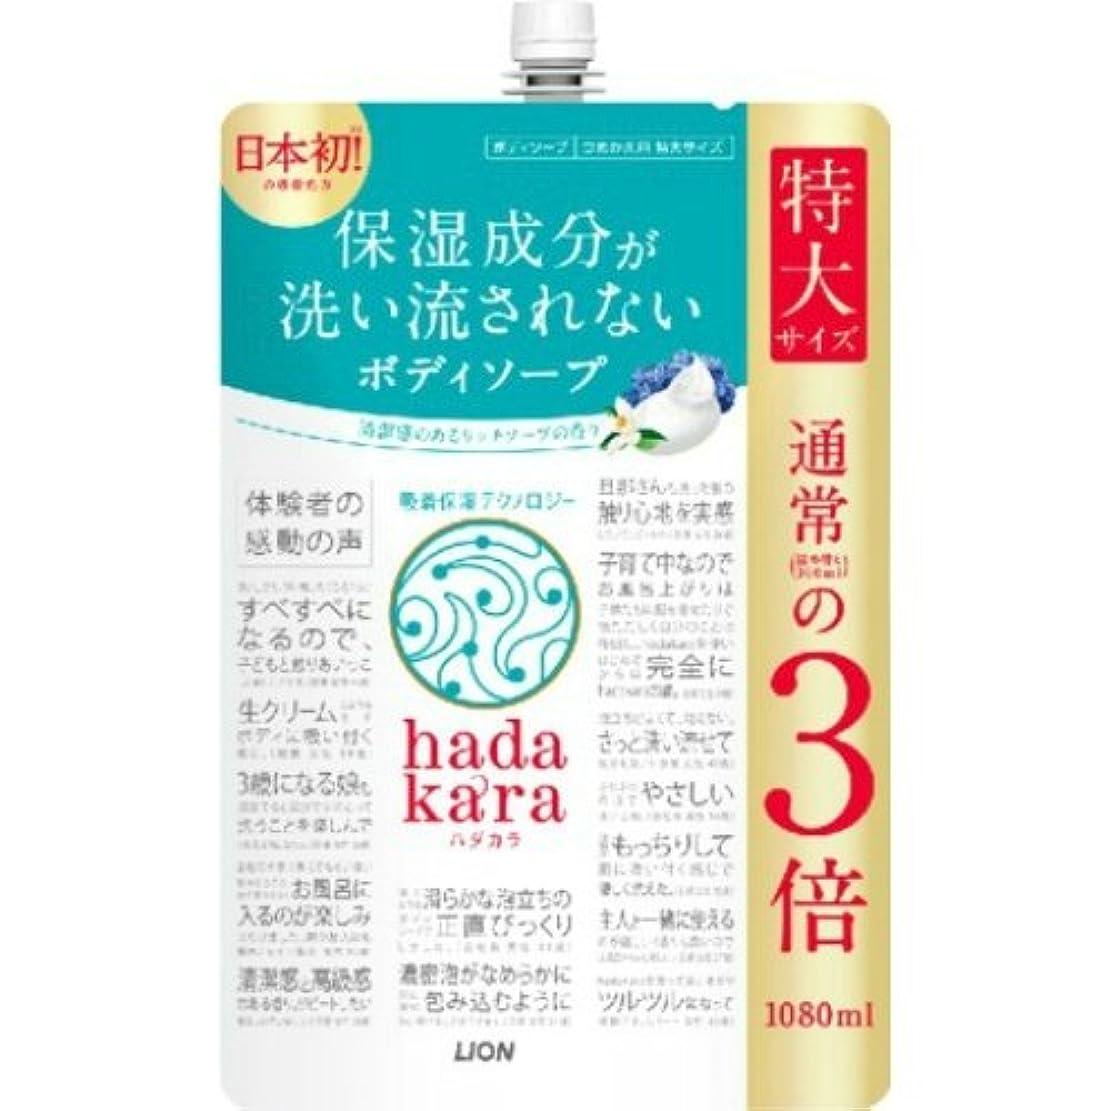 掃除批判的に養うLION ライオン hadakara ハダカラ ボディソープ リッチソープの香り つめかえ用 特大サイズ 1080ml ×3点セット(4903301260882)